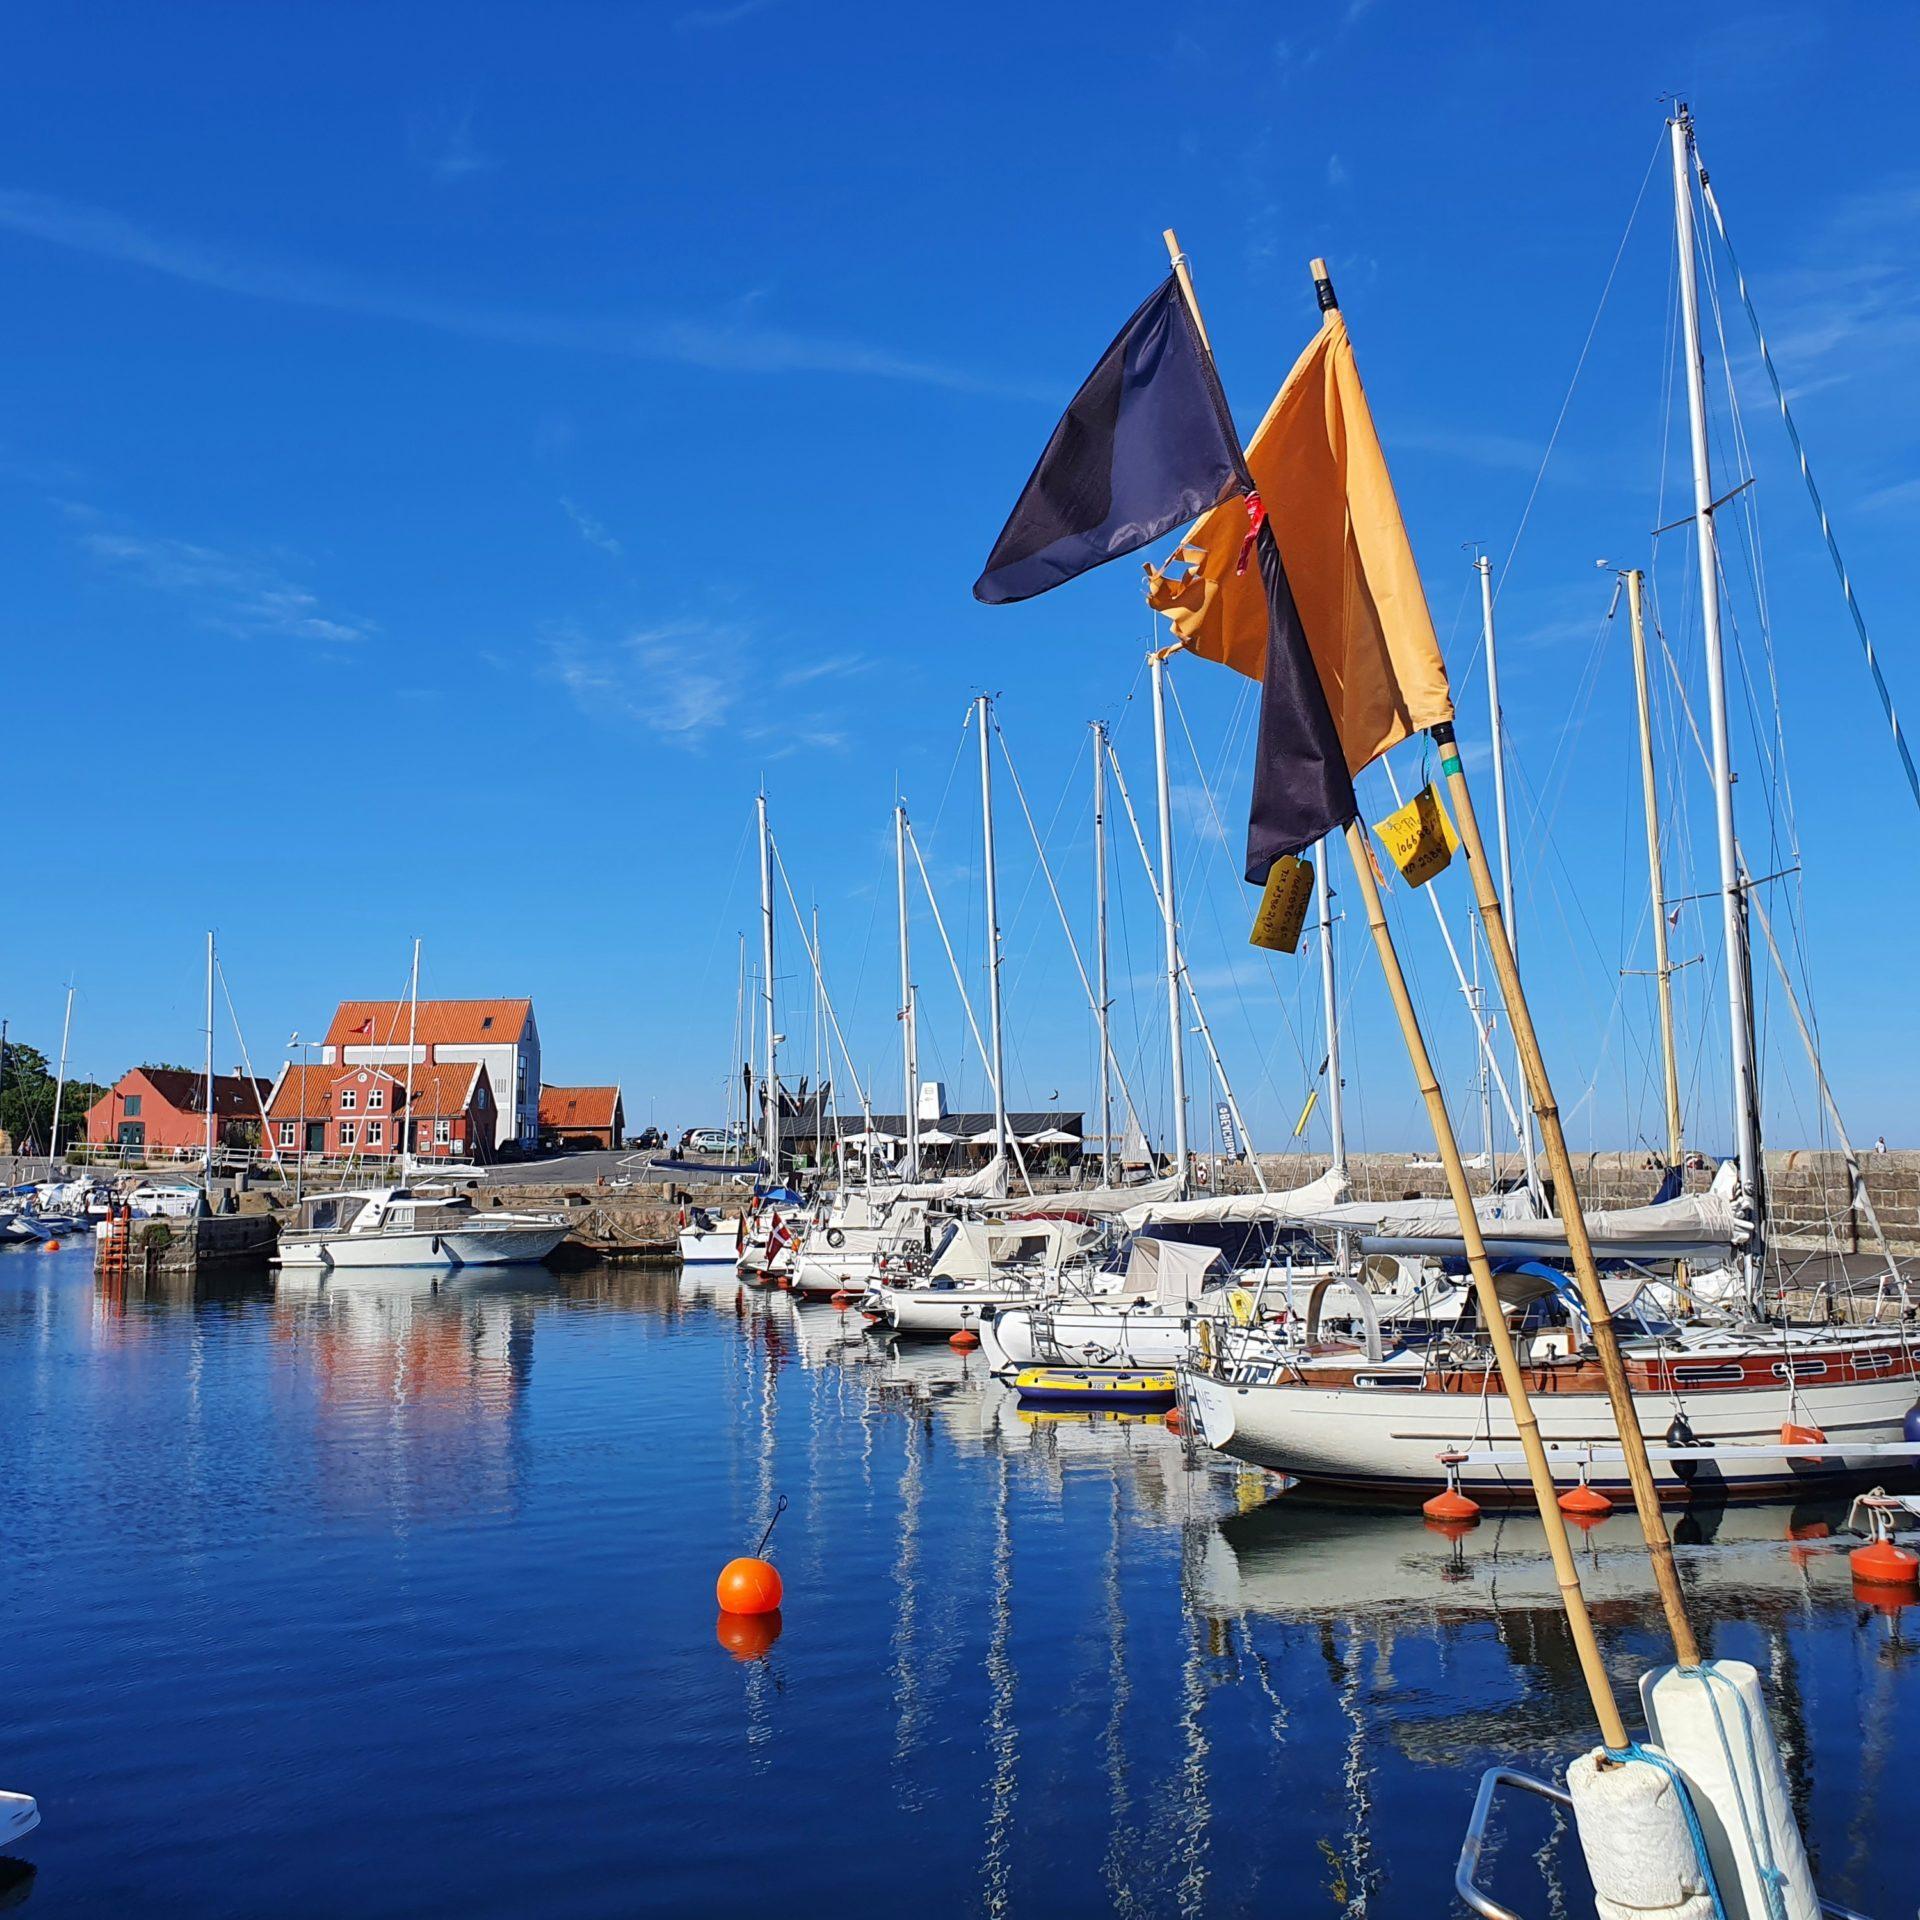 Svaneke: Hafen